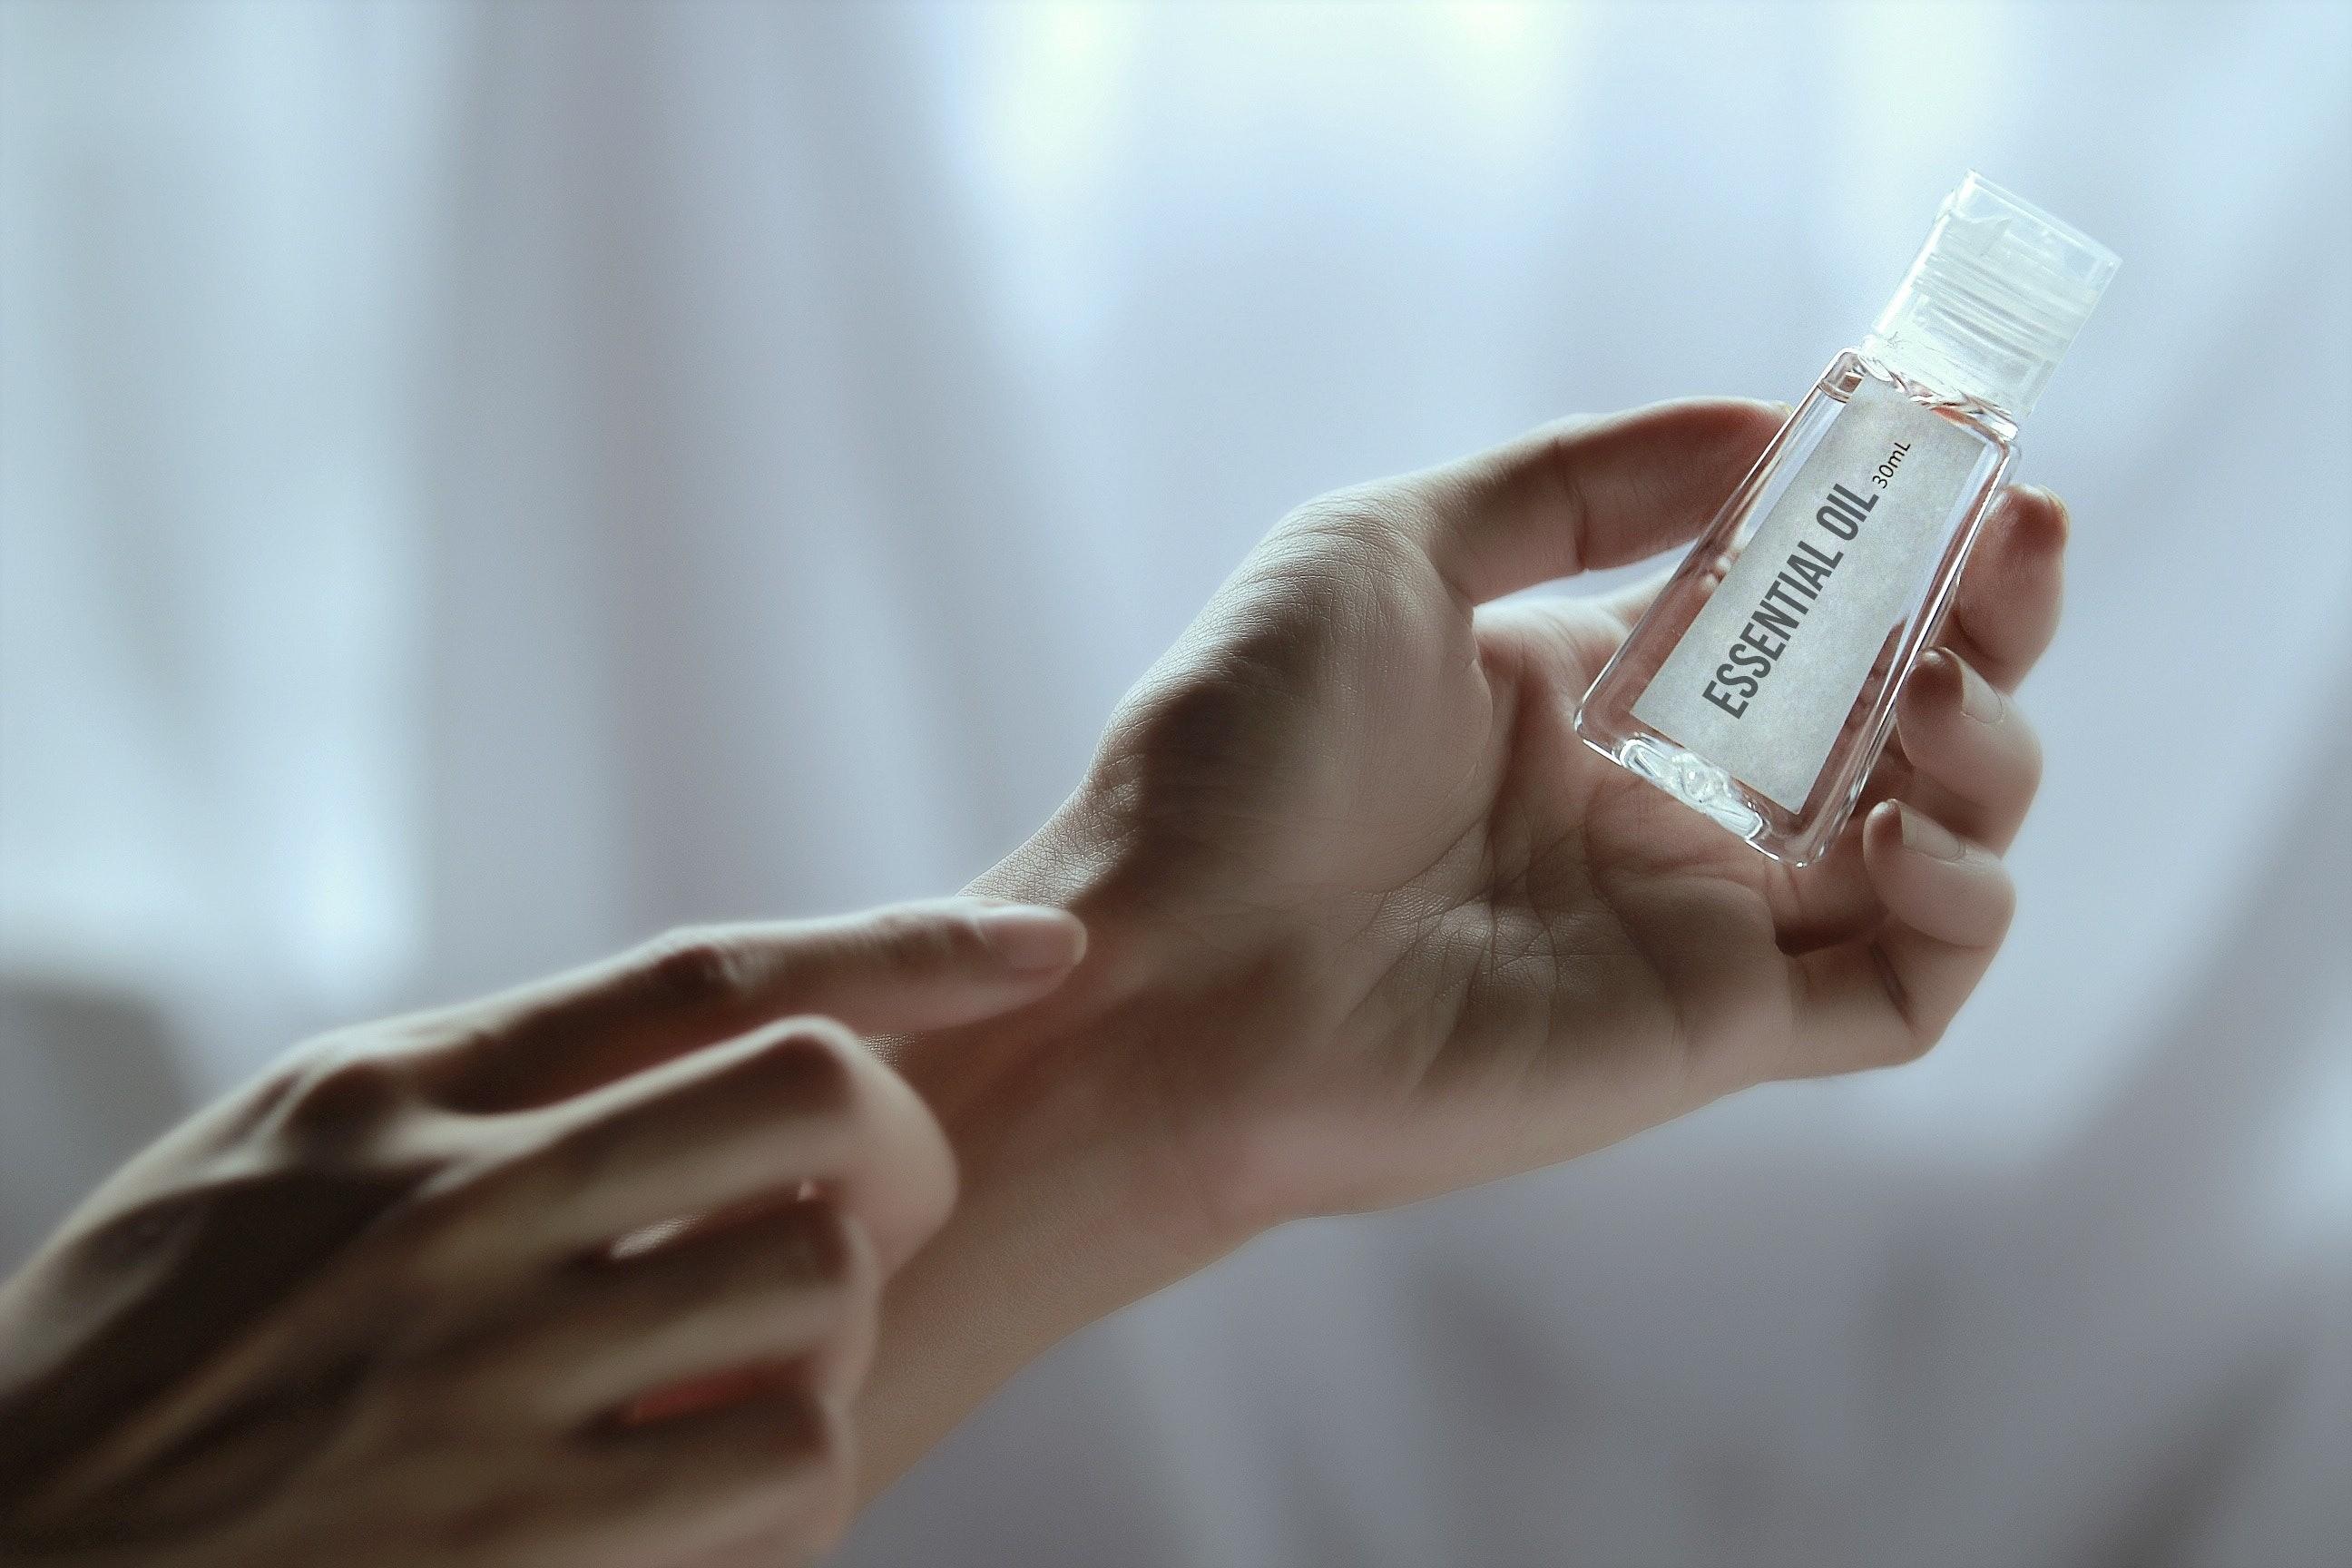 Как подобрать крем от морщин в 25+, 35+ и 45+? Обязательные элементы в составе